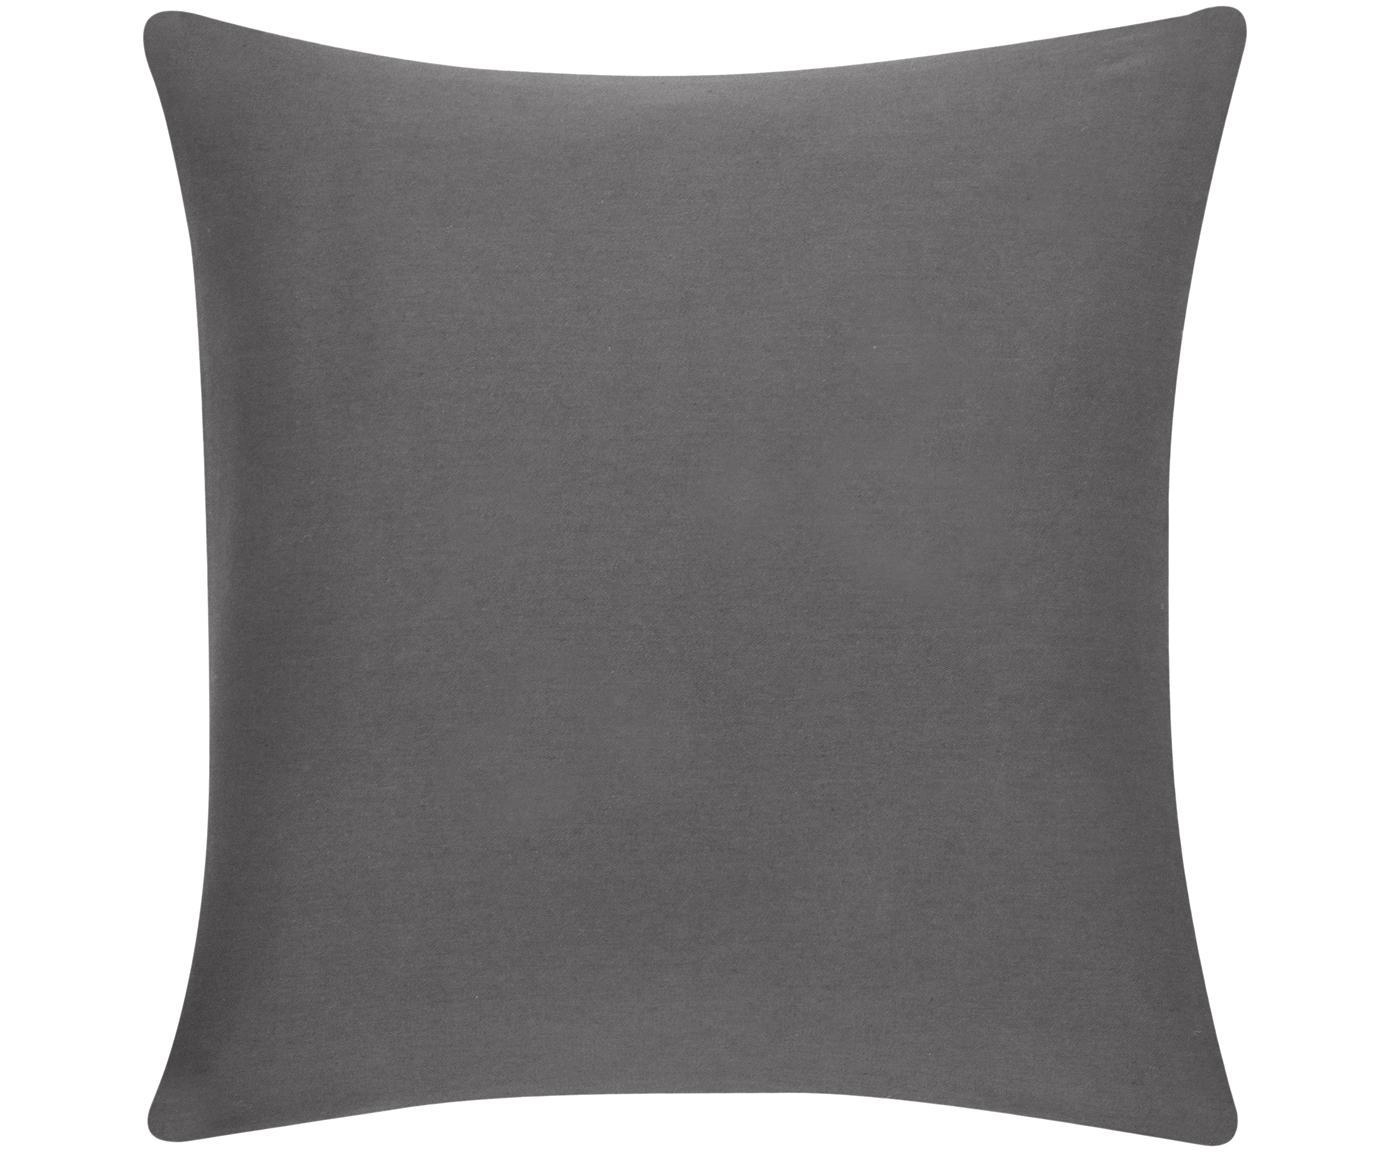 Federa arredo in grigio scuro Mads, Cotone, Grigio scuro, Larg. 40 x Lung. 40 cm